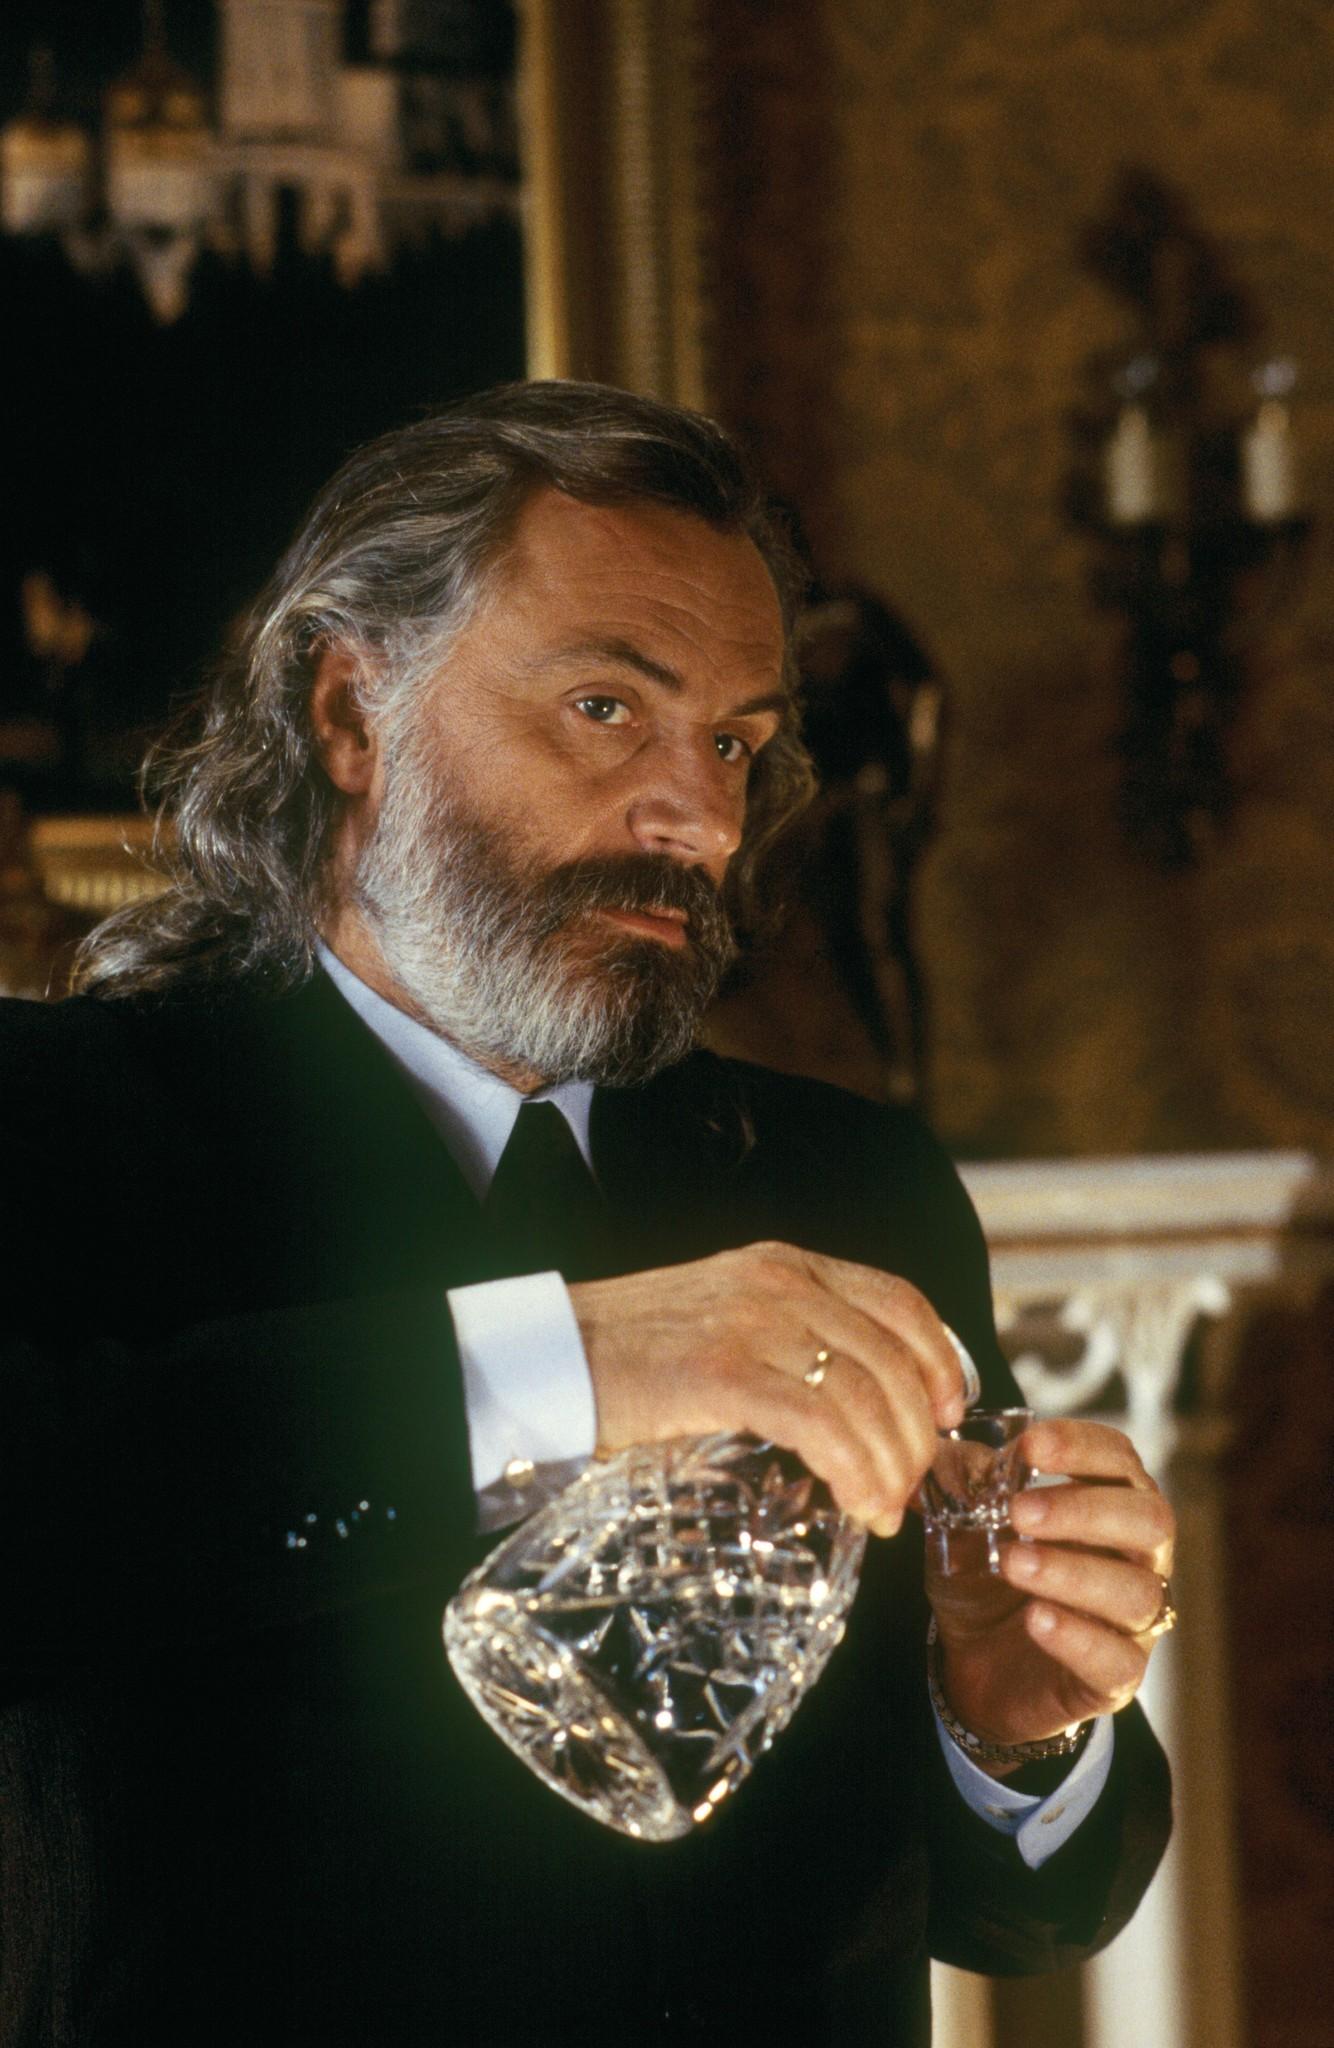 Rade Serbedzija in The Saint (1997)